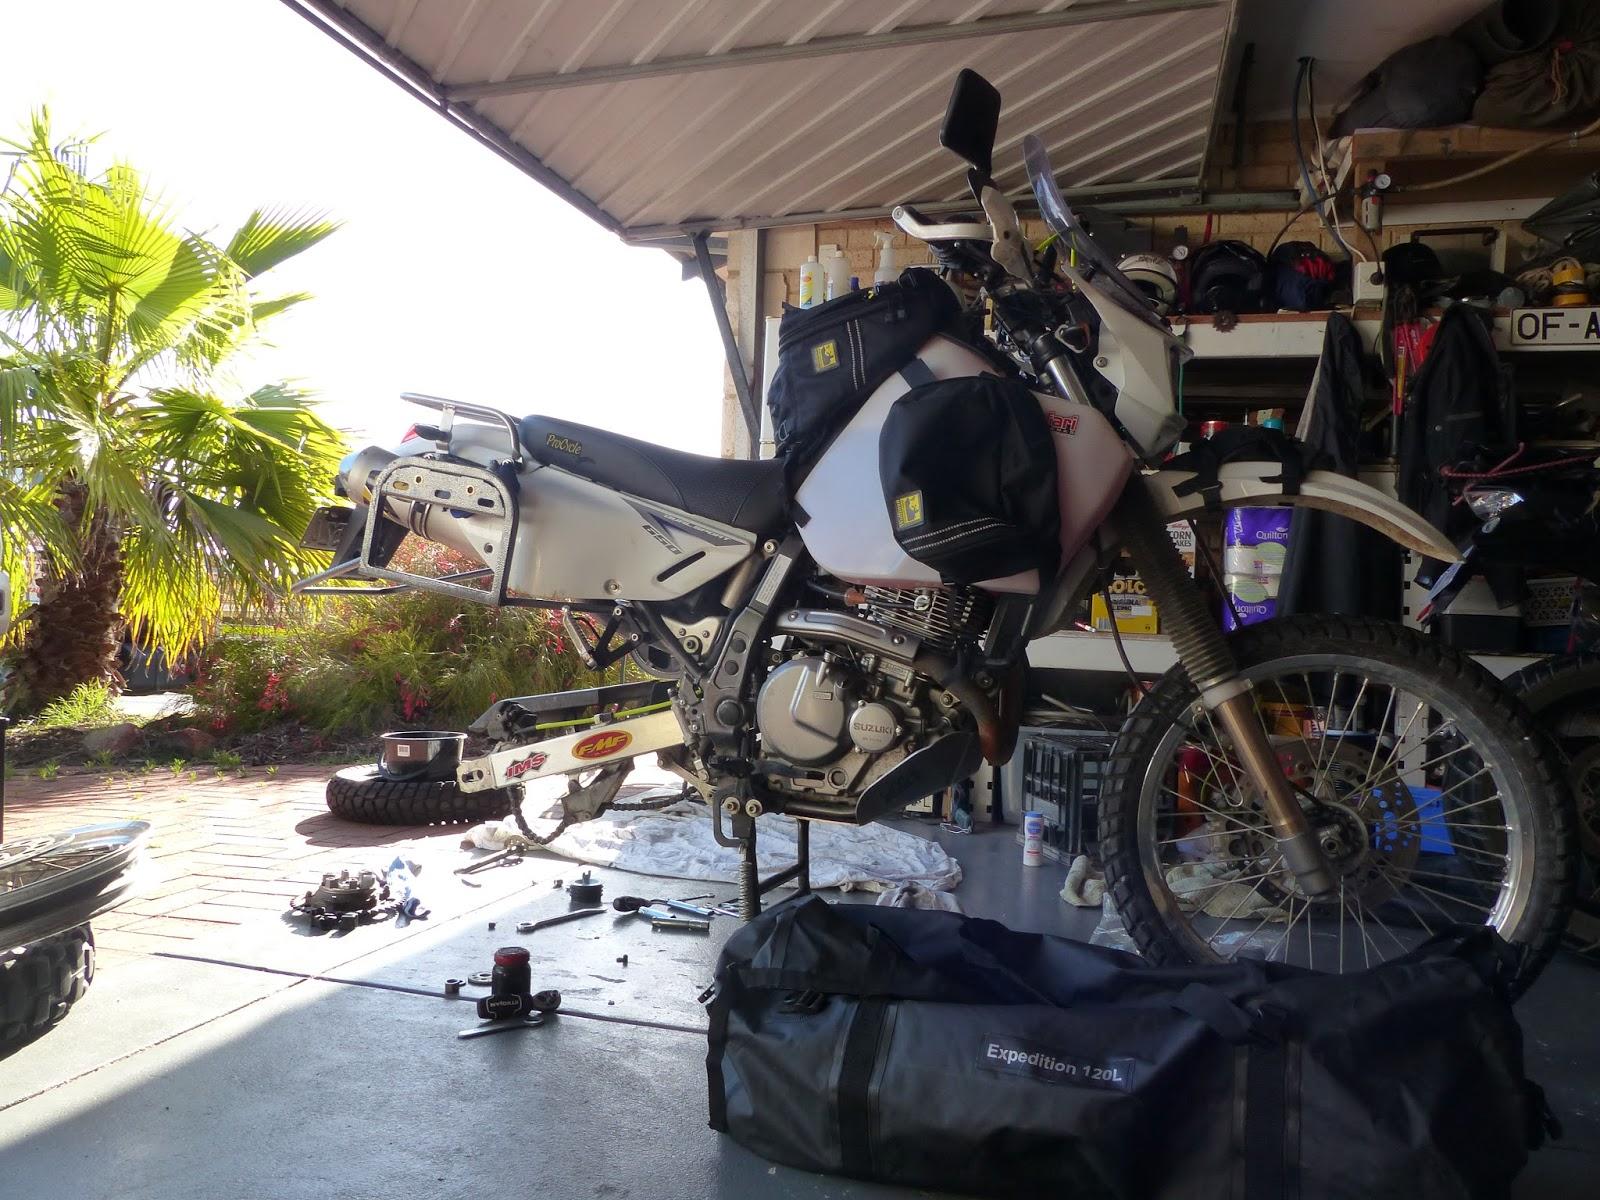 MOTO ADVENTURE - ROUND THE WORLD BY MOTORCYCLE: SUZUKI DR650